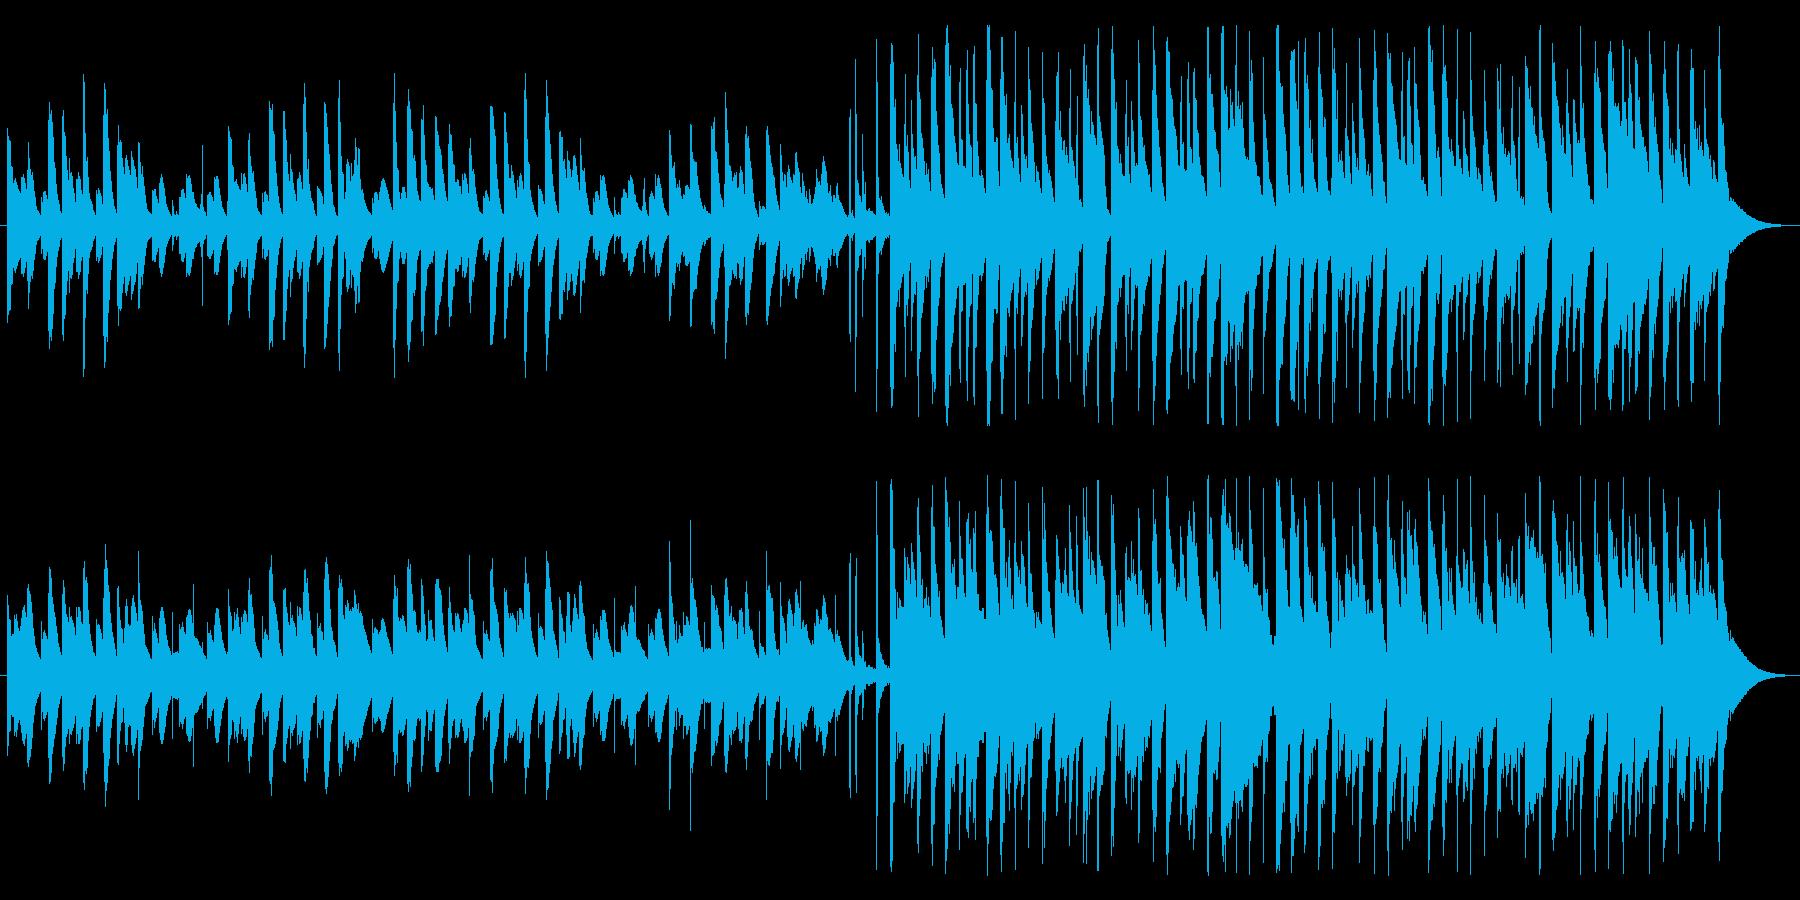 ほのぼの&ハッピーなマリンバメロディの再生済みの波形